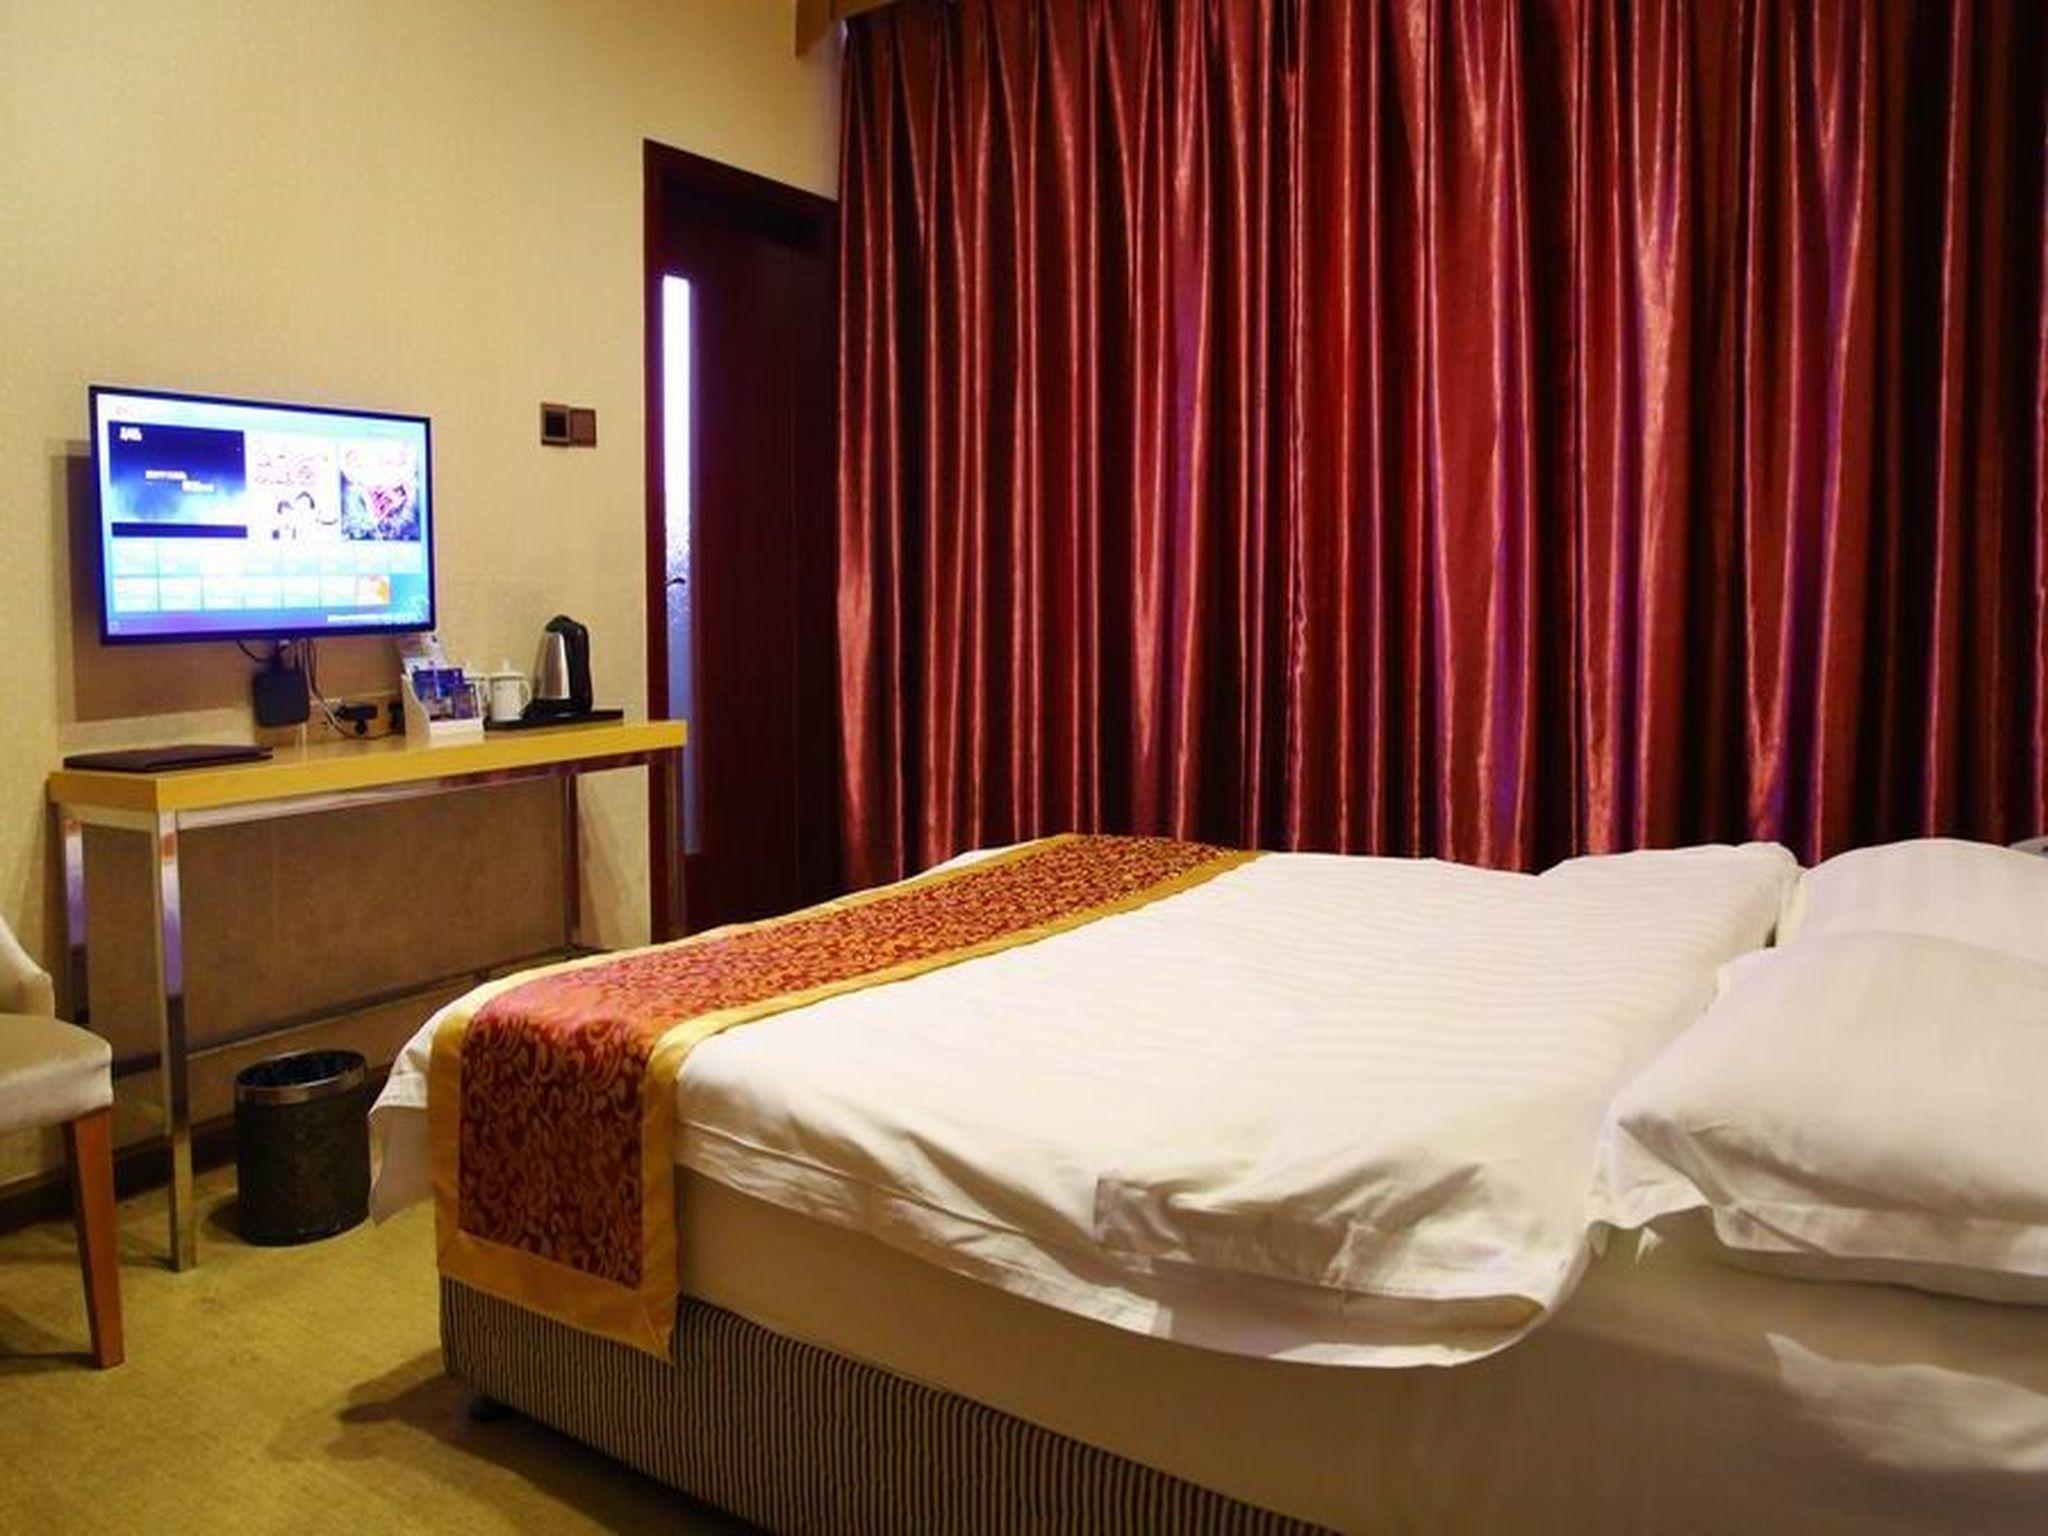 yiantaisheng hotel co ltd Chengdu China